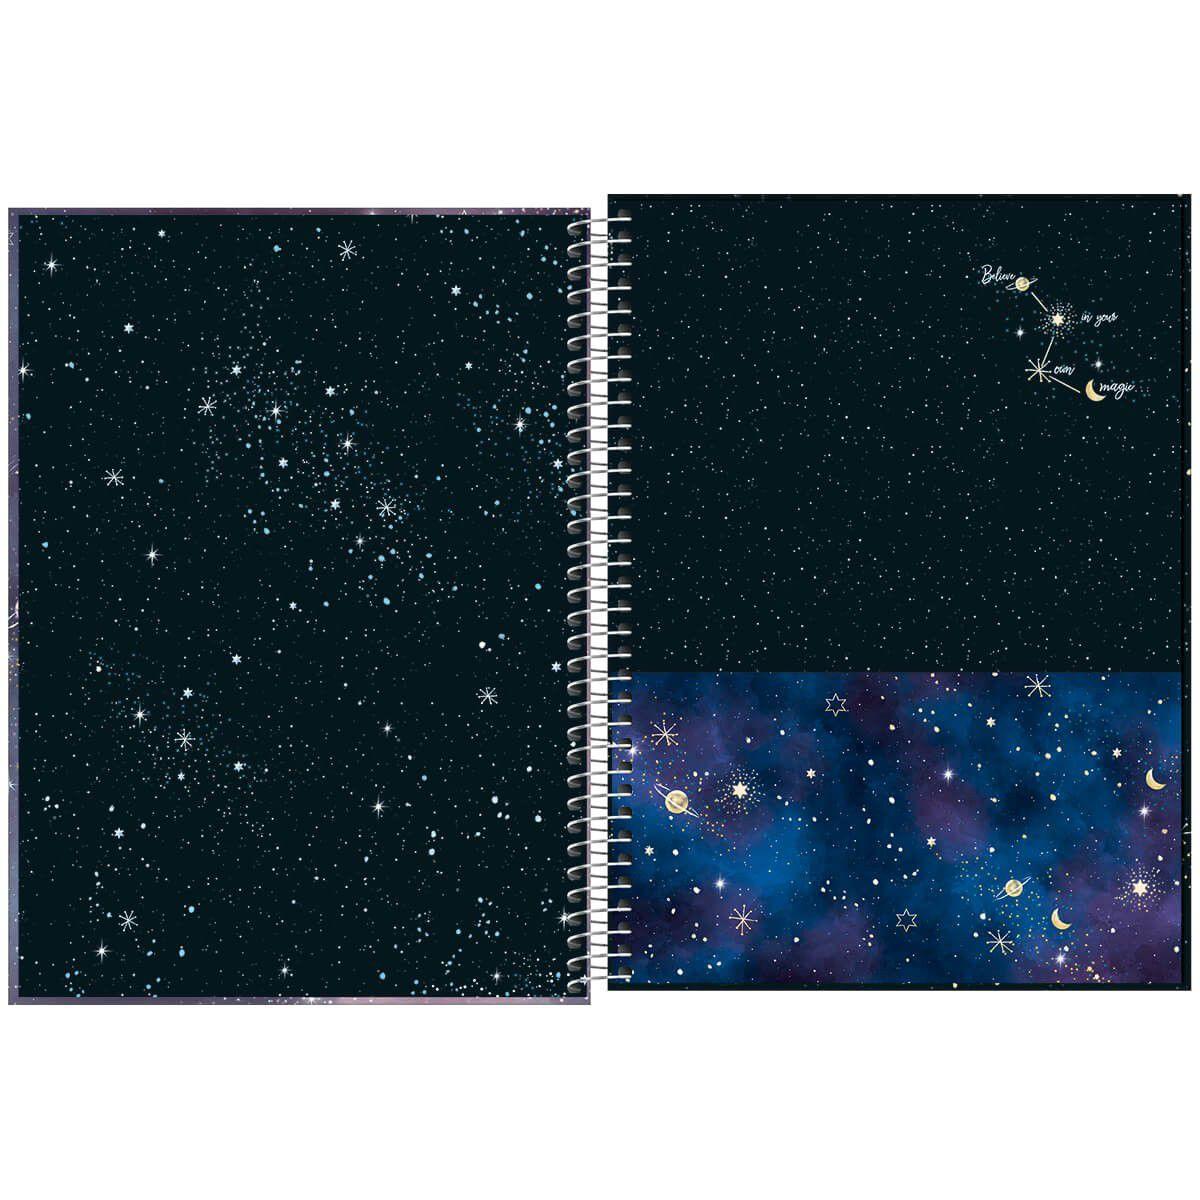 Caderno universitário 10 matérias 160 fls Magic Tilibra